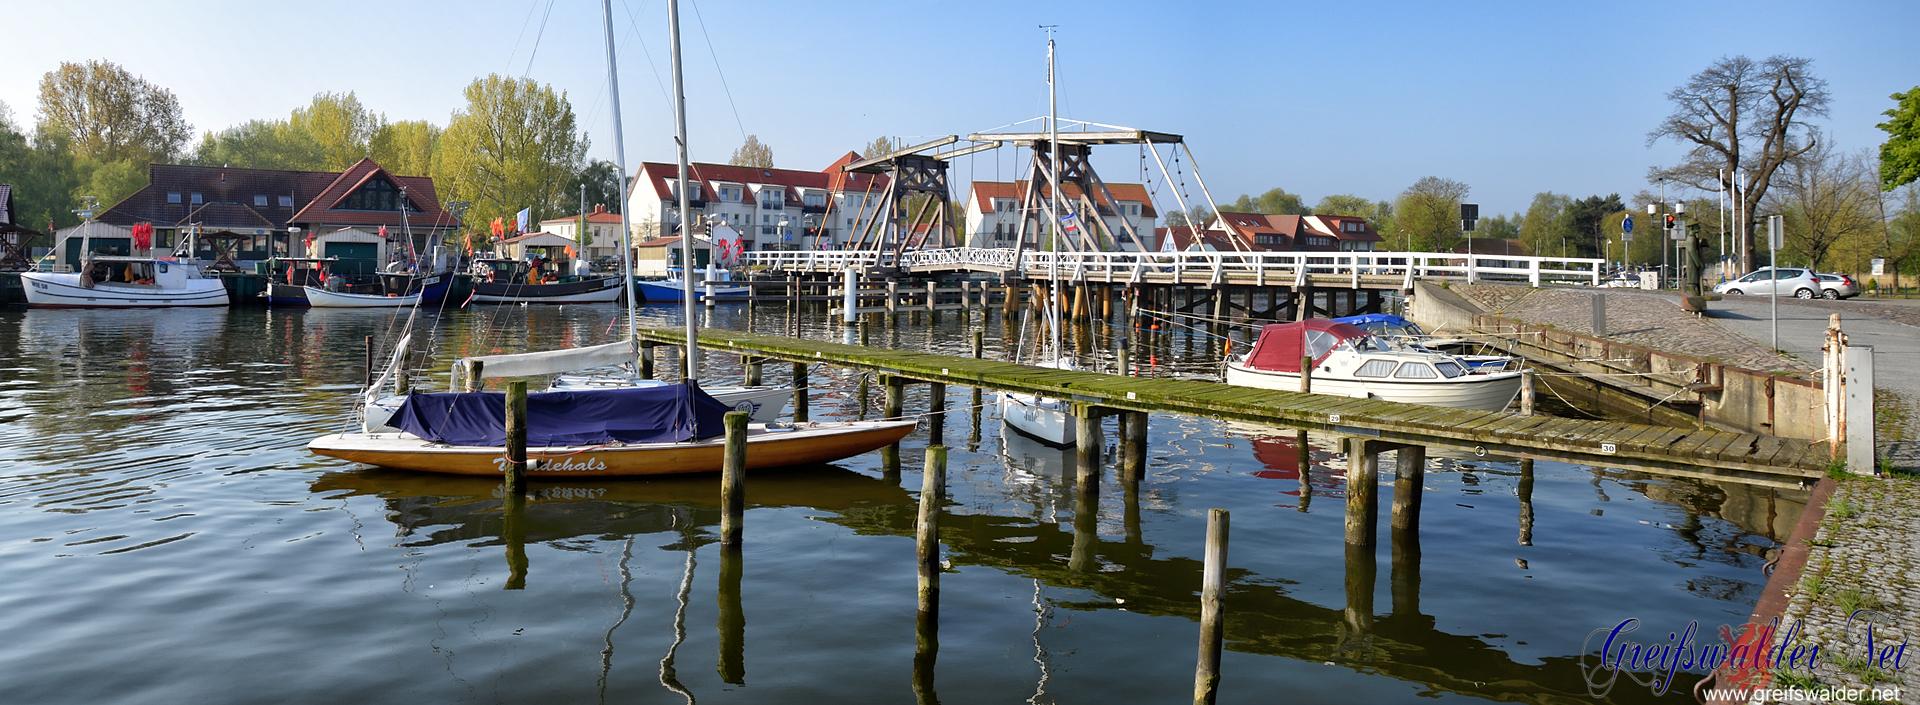 Sonntagmorgen in Greifswald-Wieck